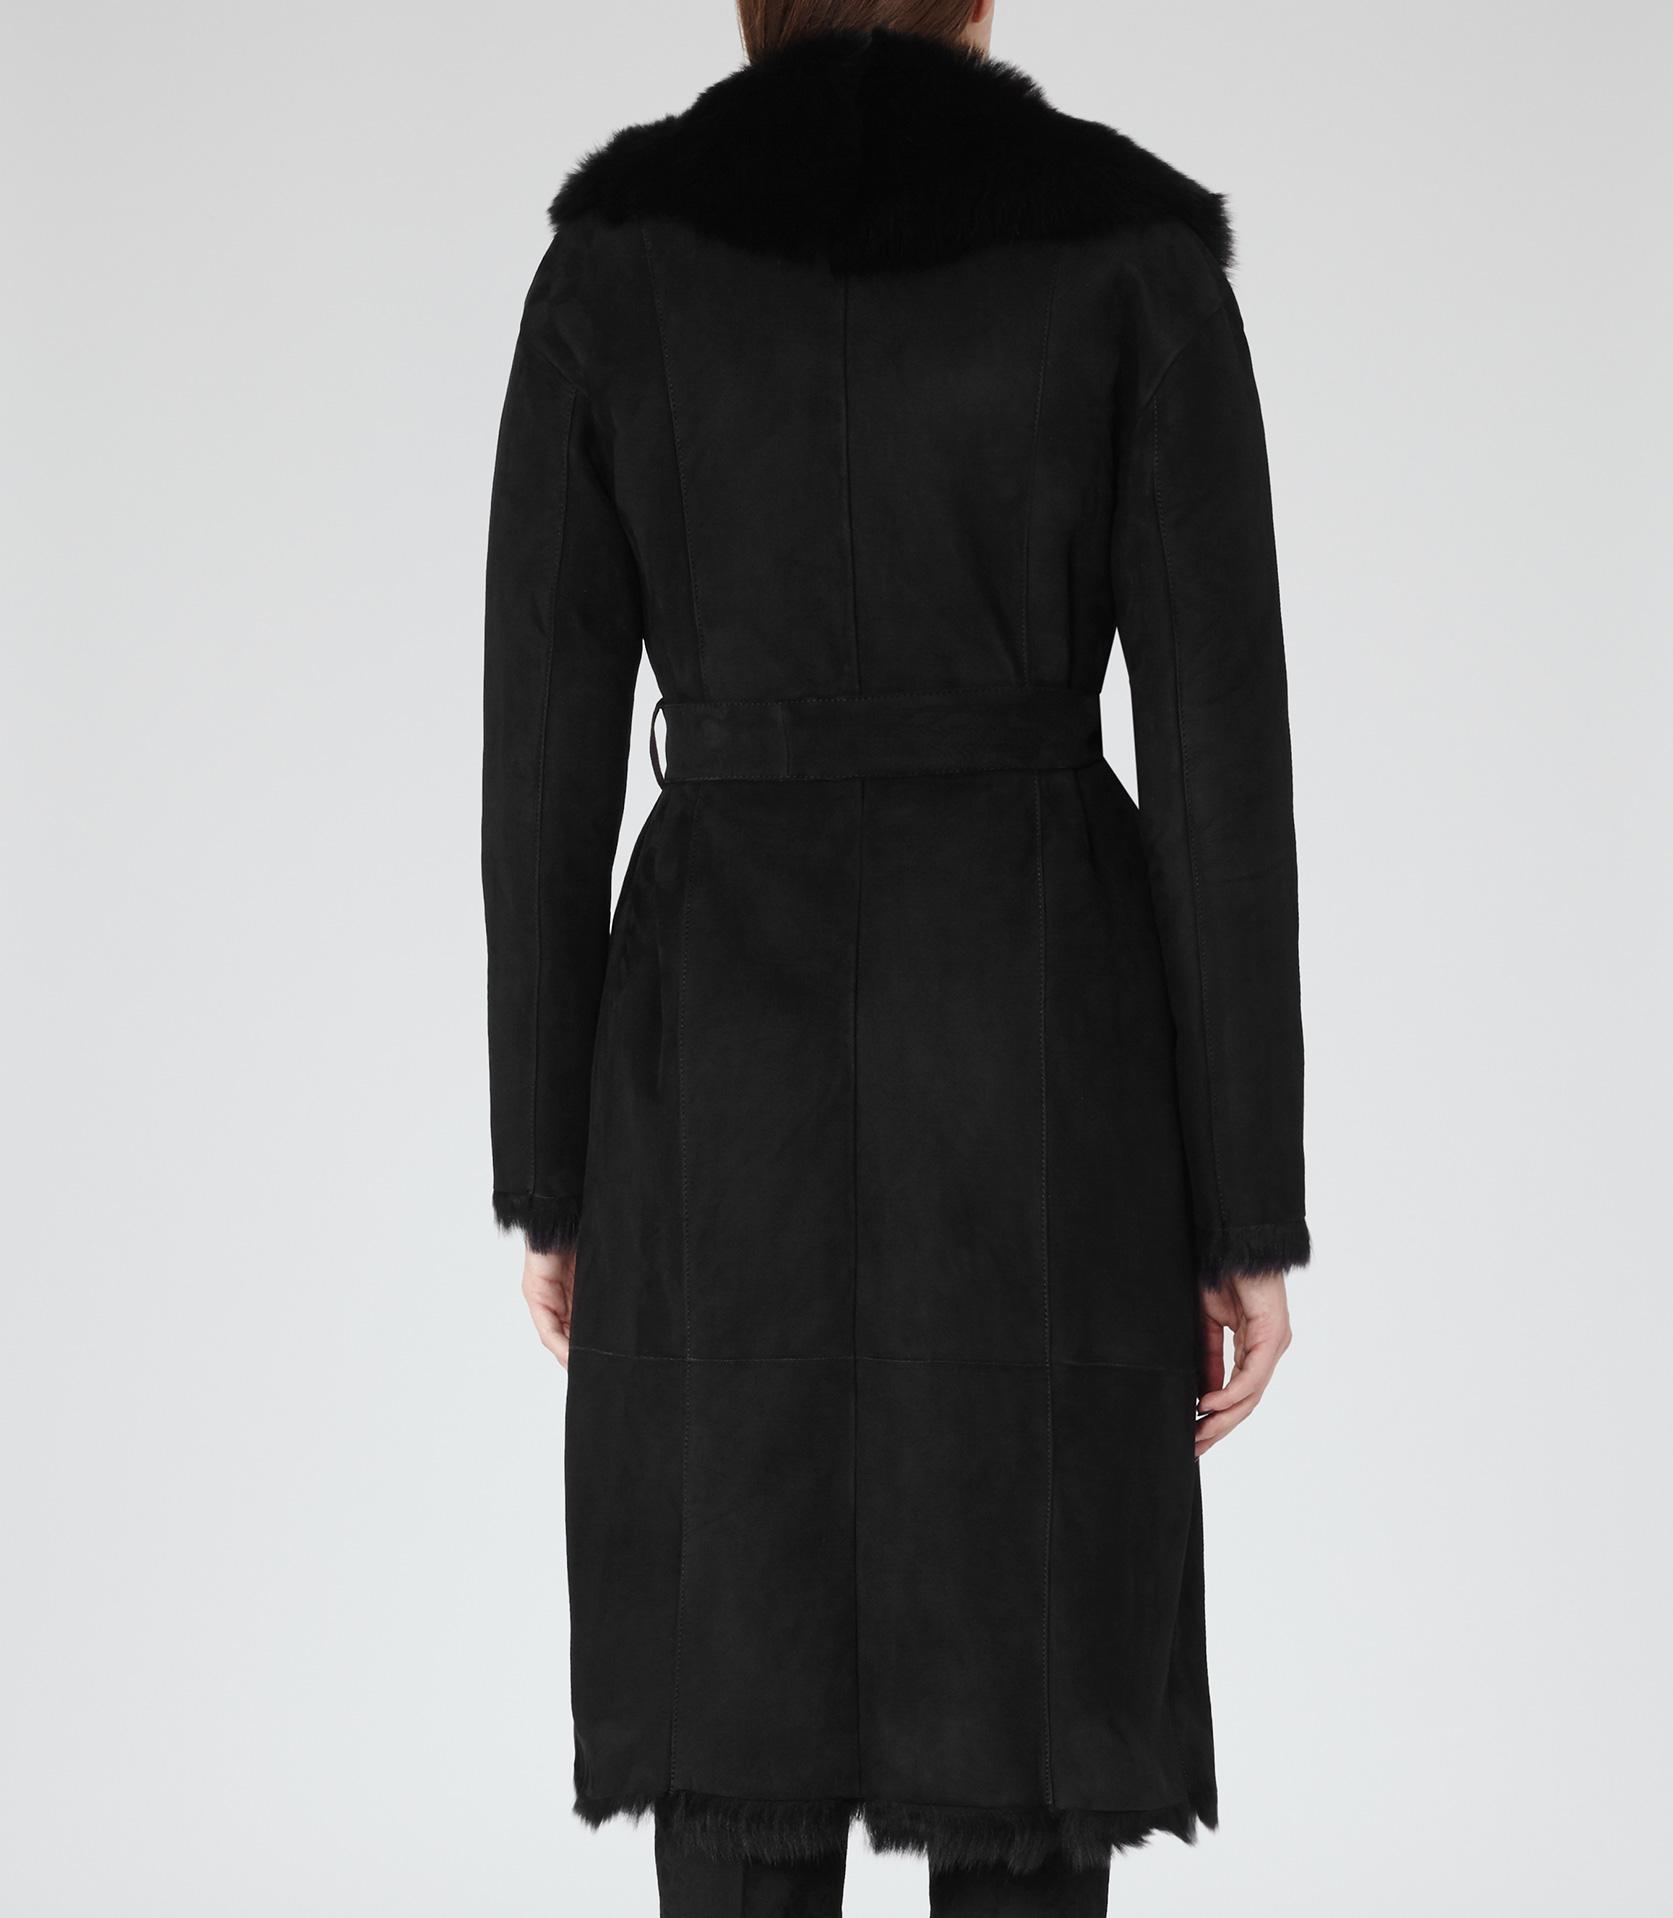 Reiss Biba Shearling Wrap Coat in Black   Lyst